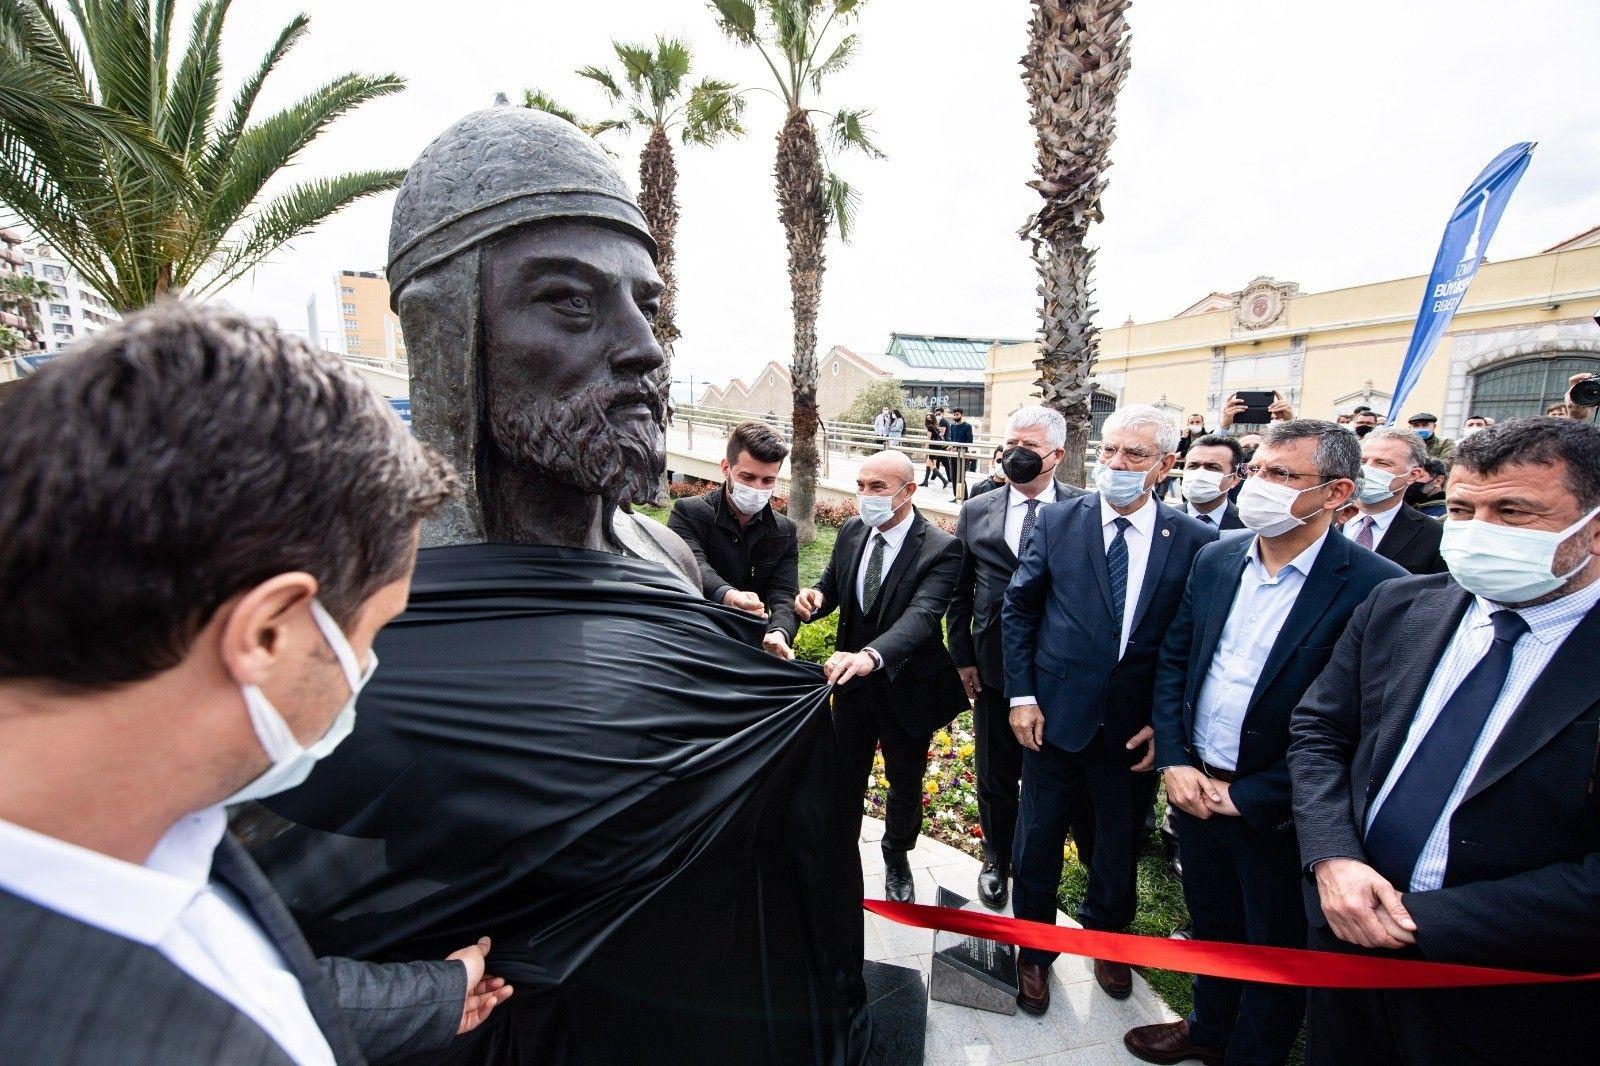 ilk-turk-denizcilerinden-caka-beyin-bustu-acildi-20210414aw29-1.jpg